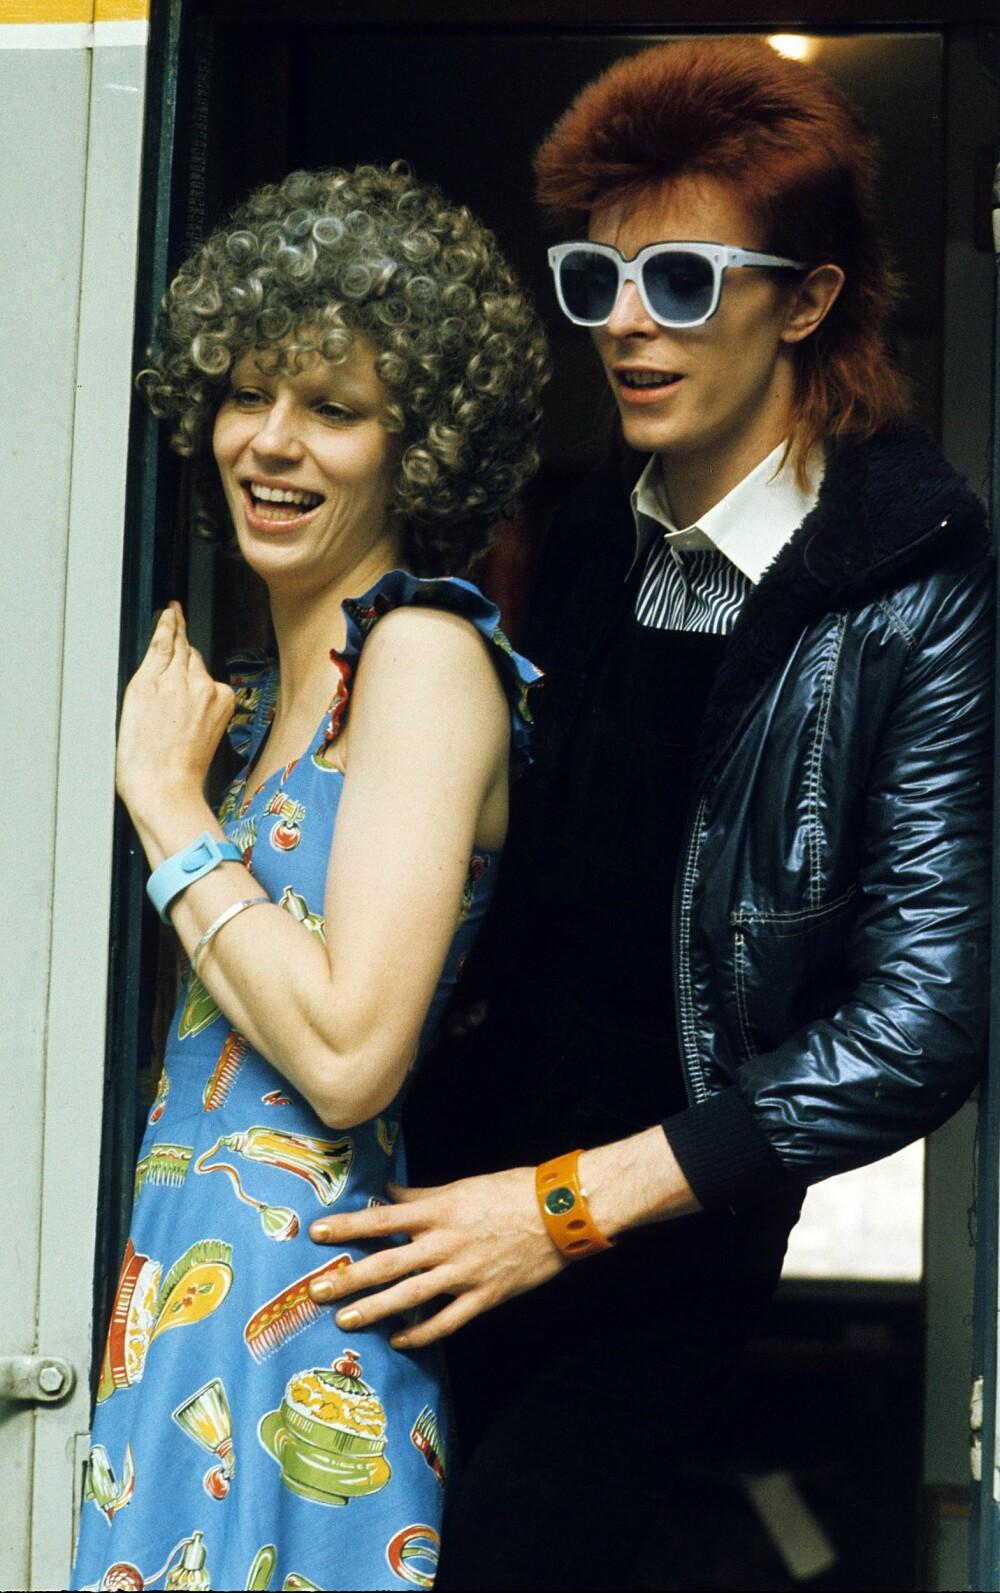 MOTETIPS #3: Uansett dagsform - en sort skinnjakke og et par smarte solbriller funker bestandig. Her med kona Angie i London i 1974.